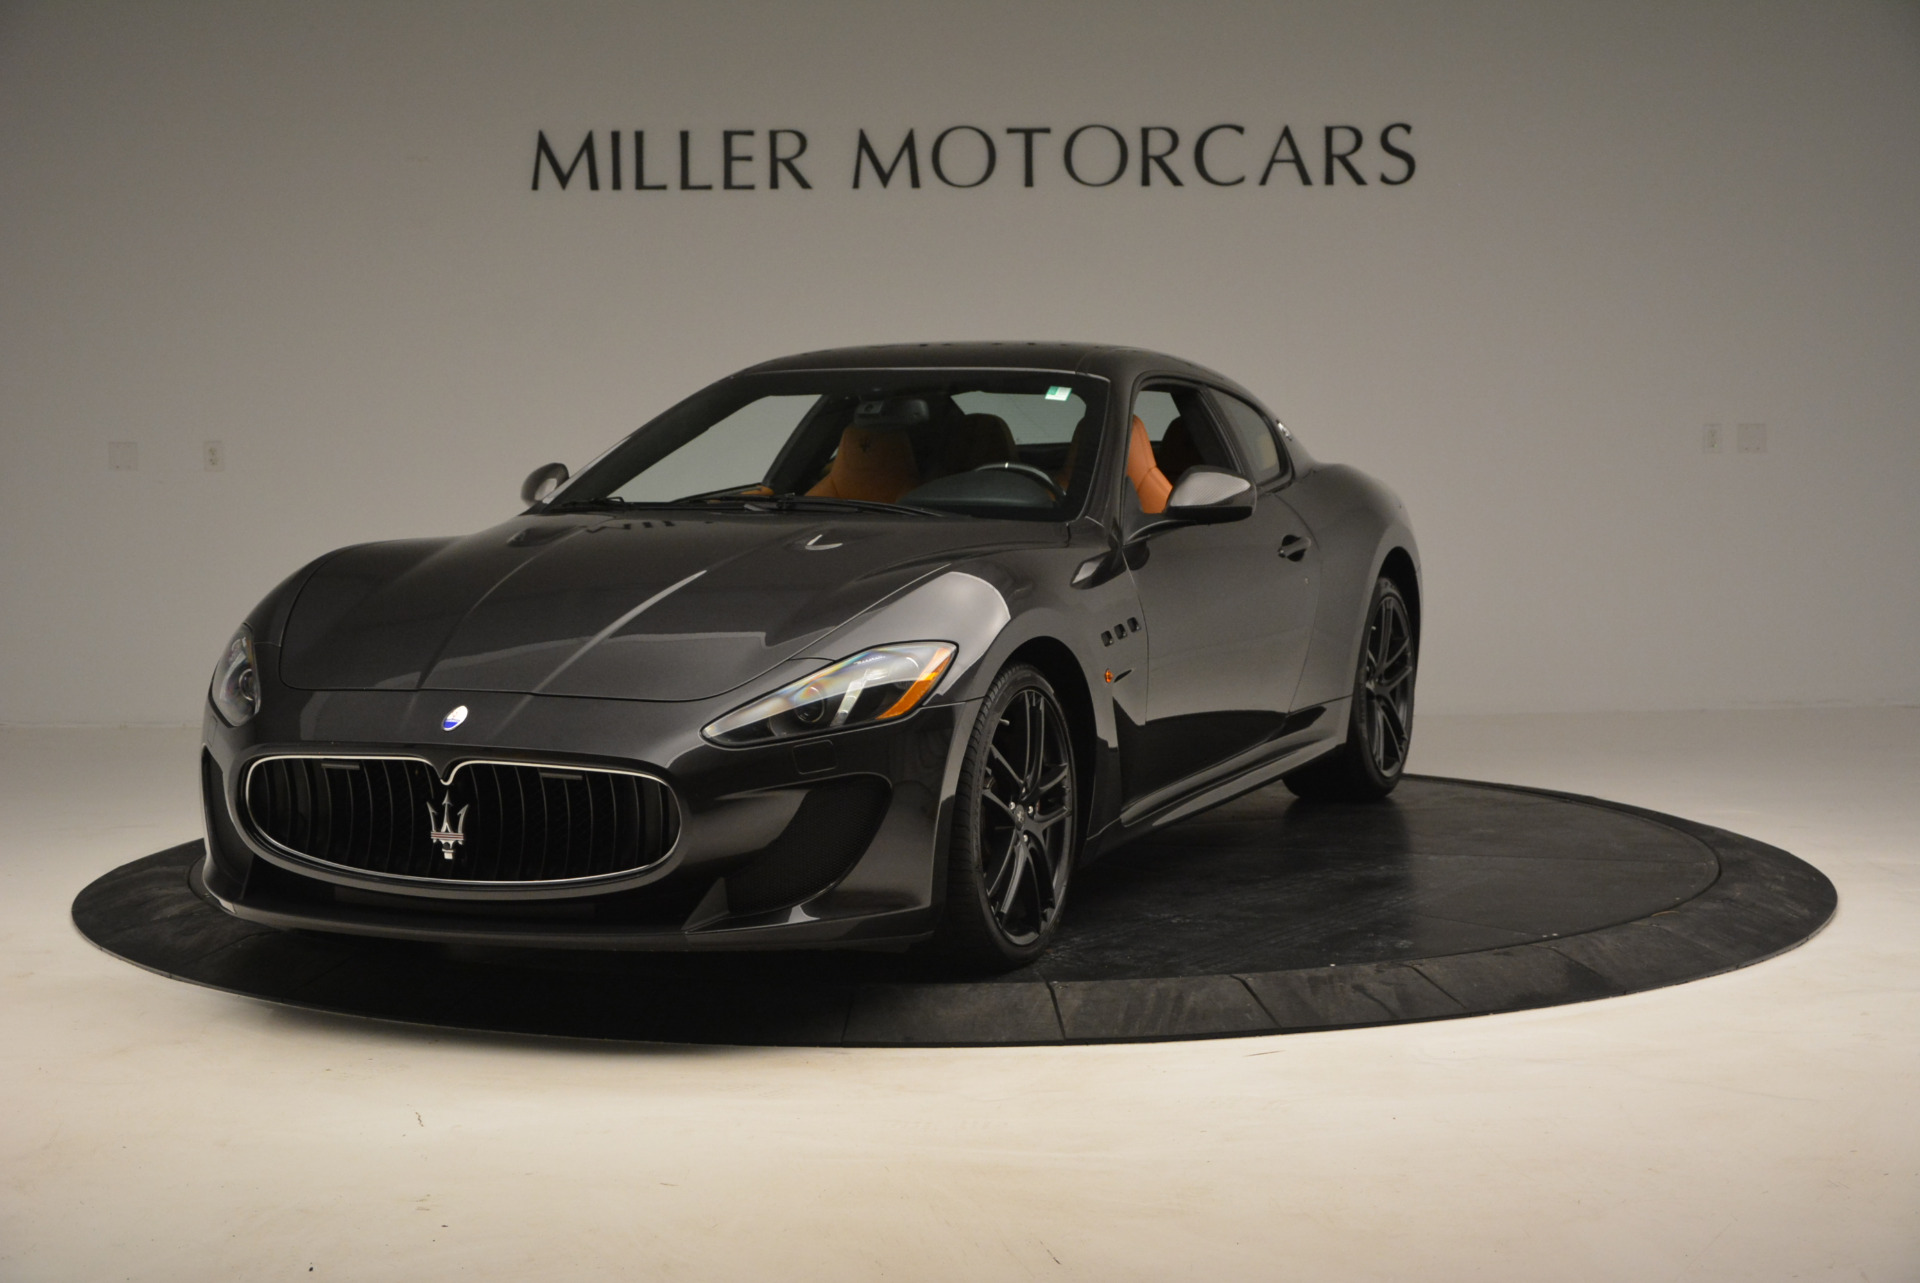 Used 2013 Maserati GranTurismo MC for sale Sold at Aston Martin of Greenwich in Greenwich CT 06830 1